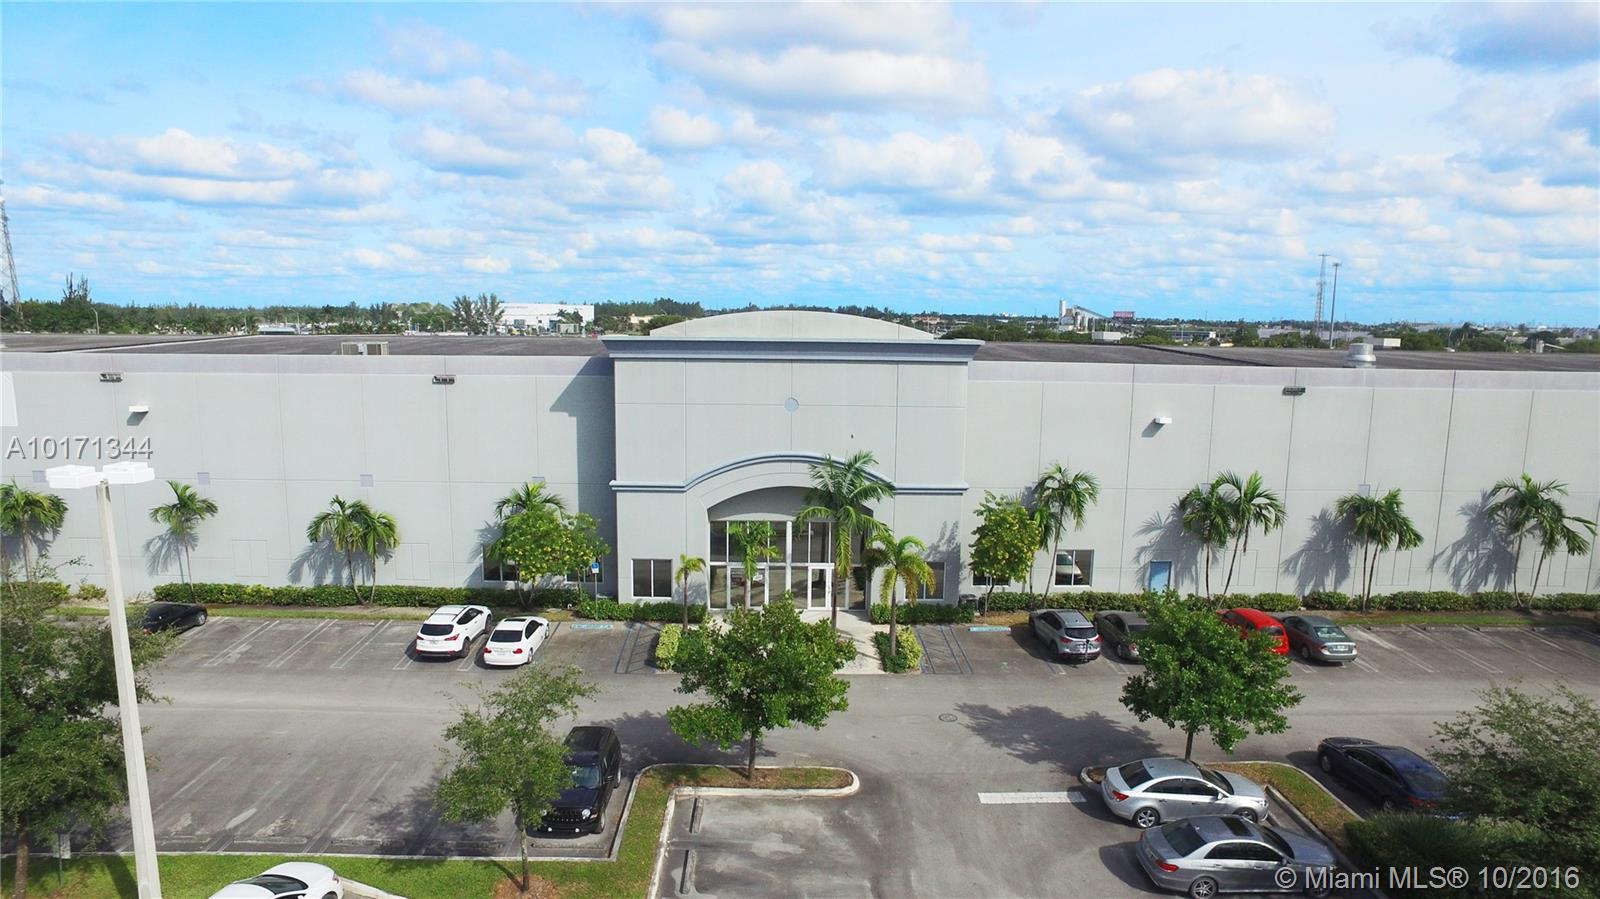 11401 NW 134th St, Medley, FL 33178